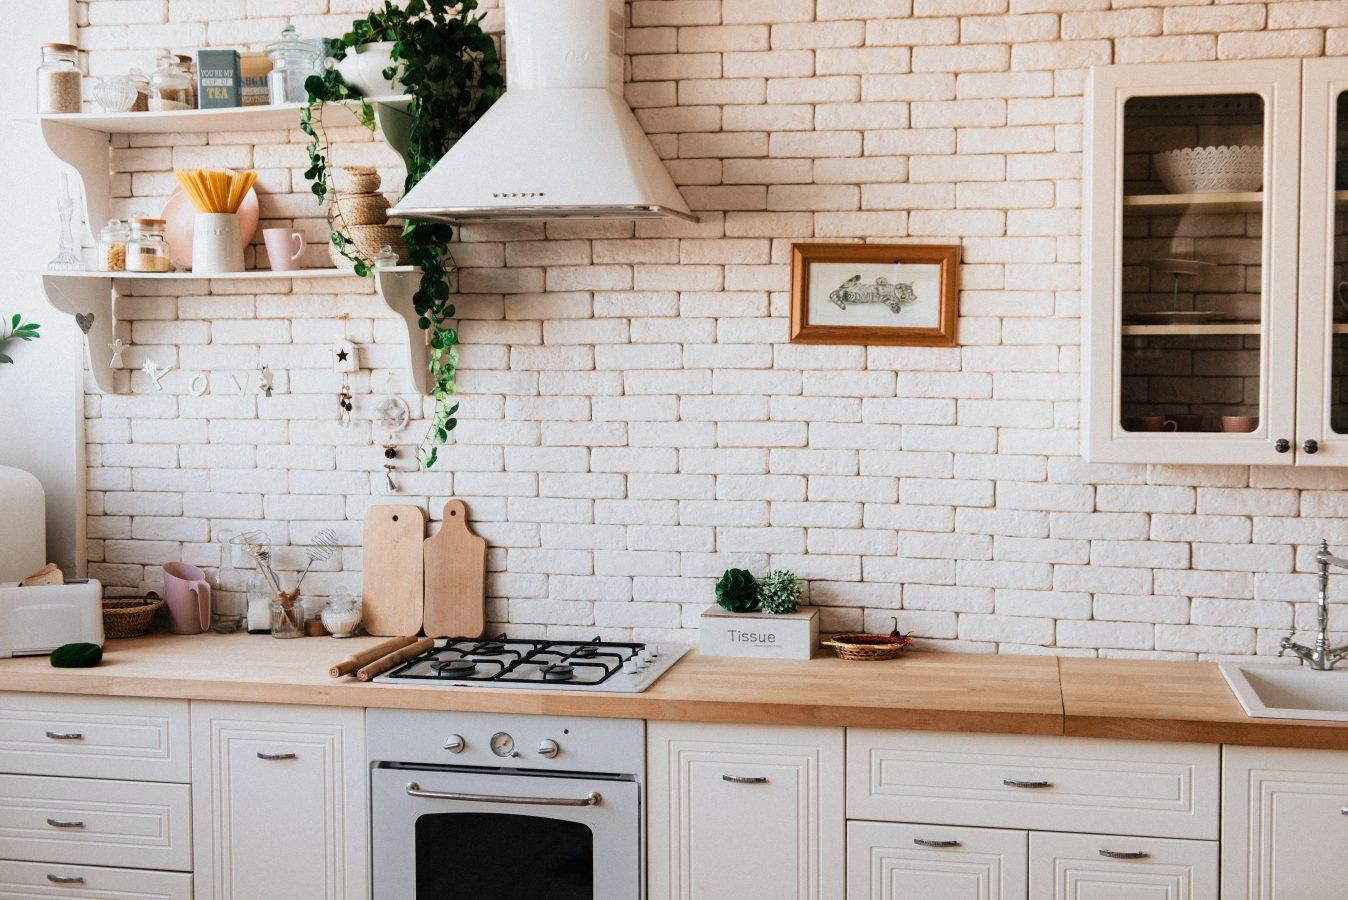 Inrichten-Keuken-Glasacties